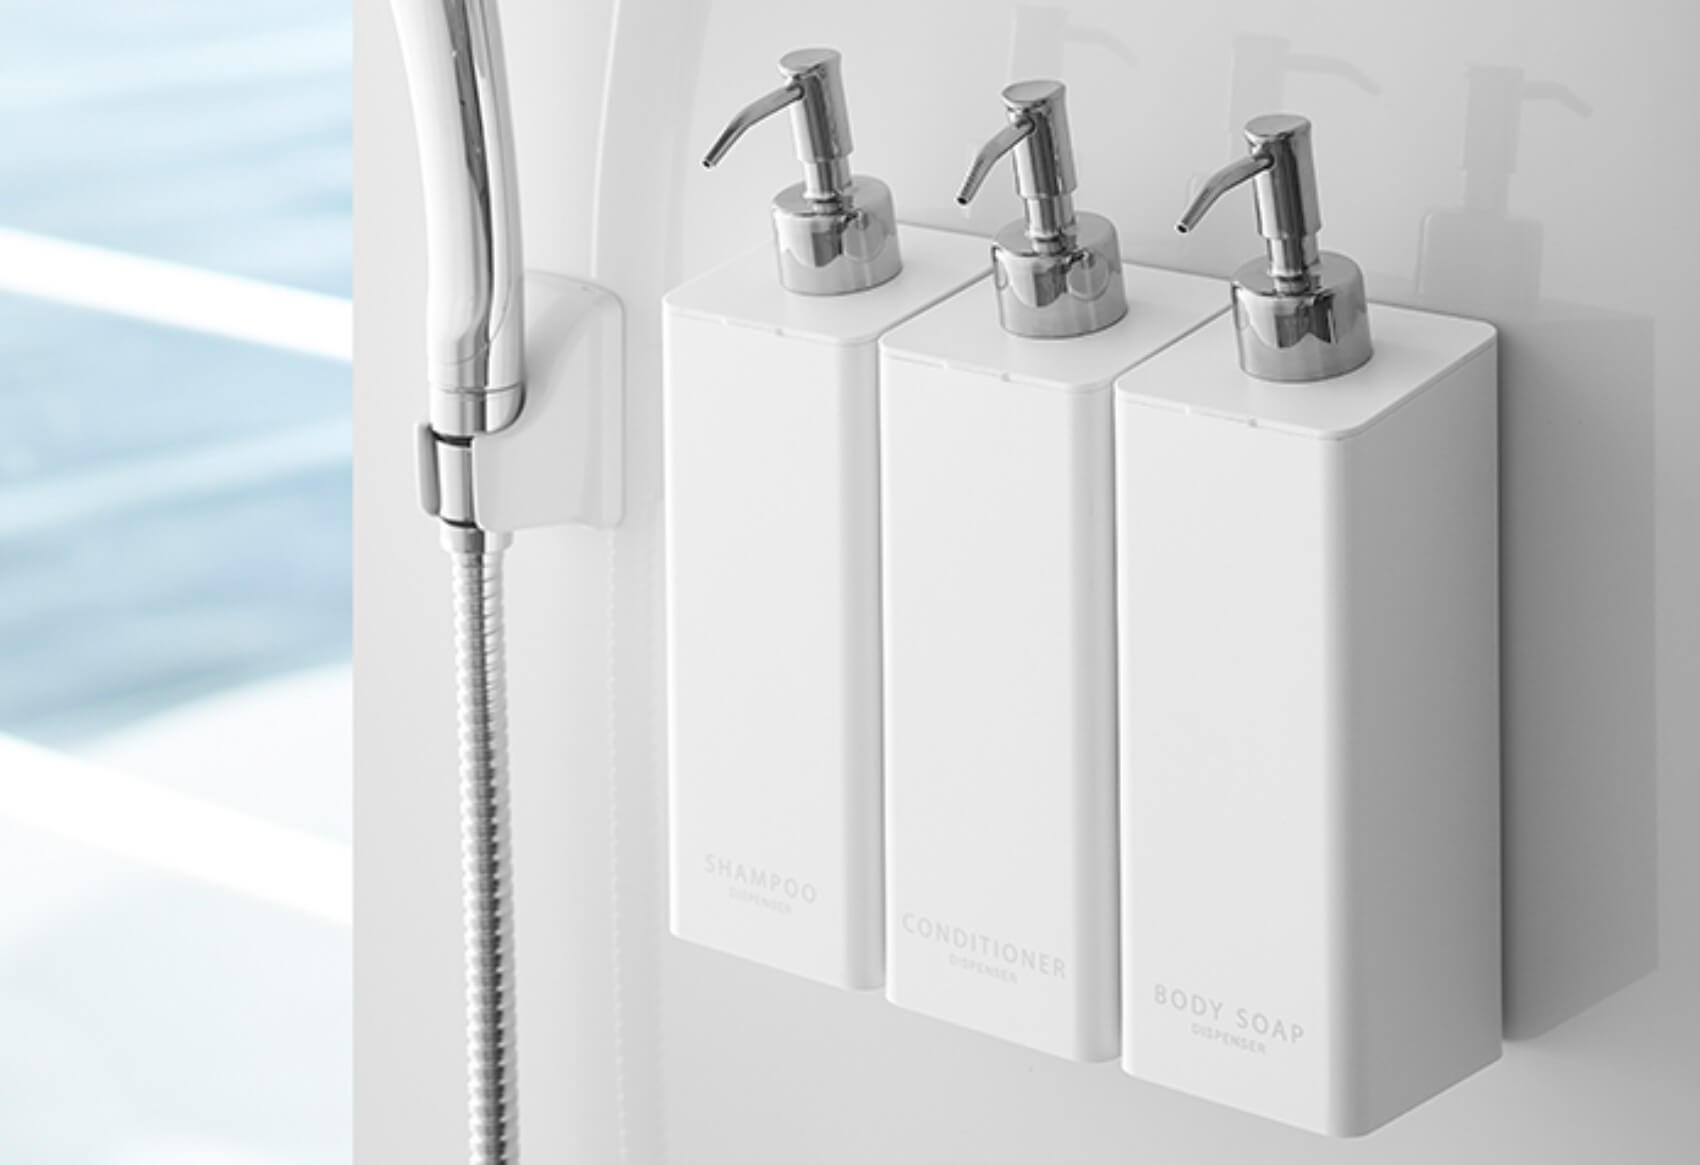 水垢・ぬめりとはさようなら。浴室の壁面に浮かせて付ける、山崎実業の「マグネットツーウェイディスペンサー」